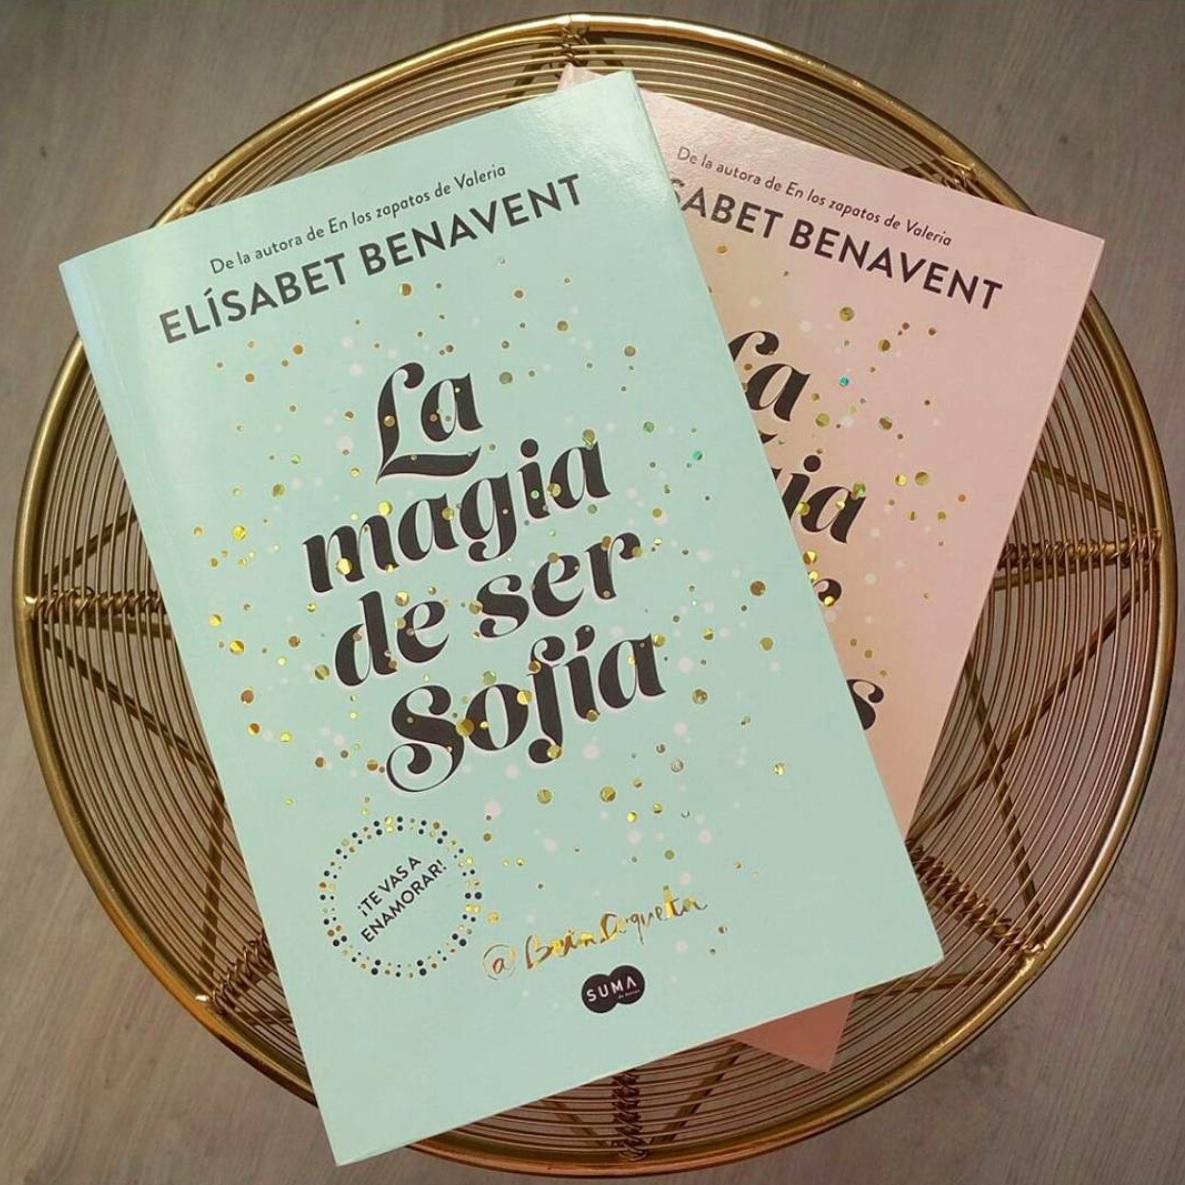 """Libro: """"La magia de ser Sofía"""" y """"La magia de ser nosotros"""" de Betacoqueta.  No puedo escoger sólo uno porque uno es la continuación del otro."""